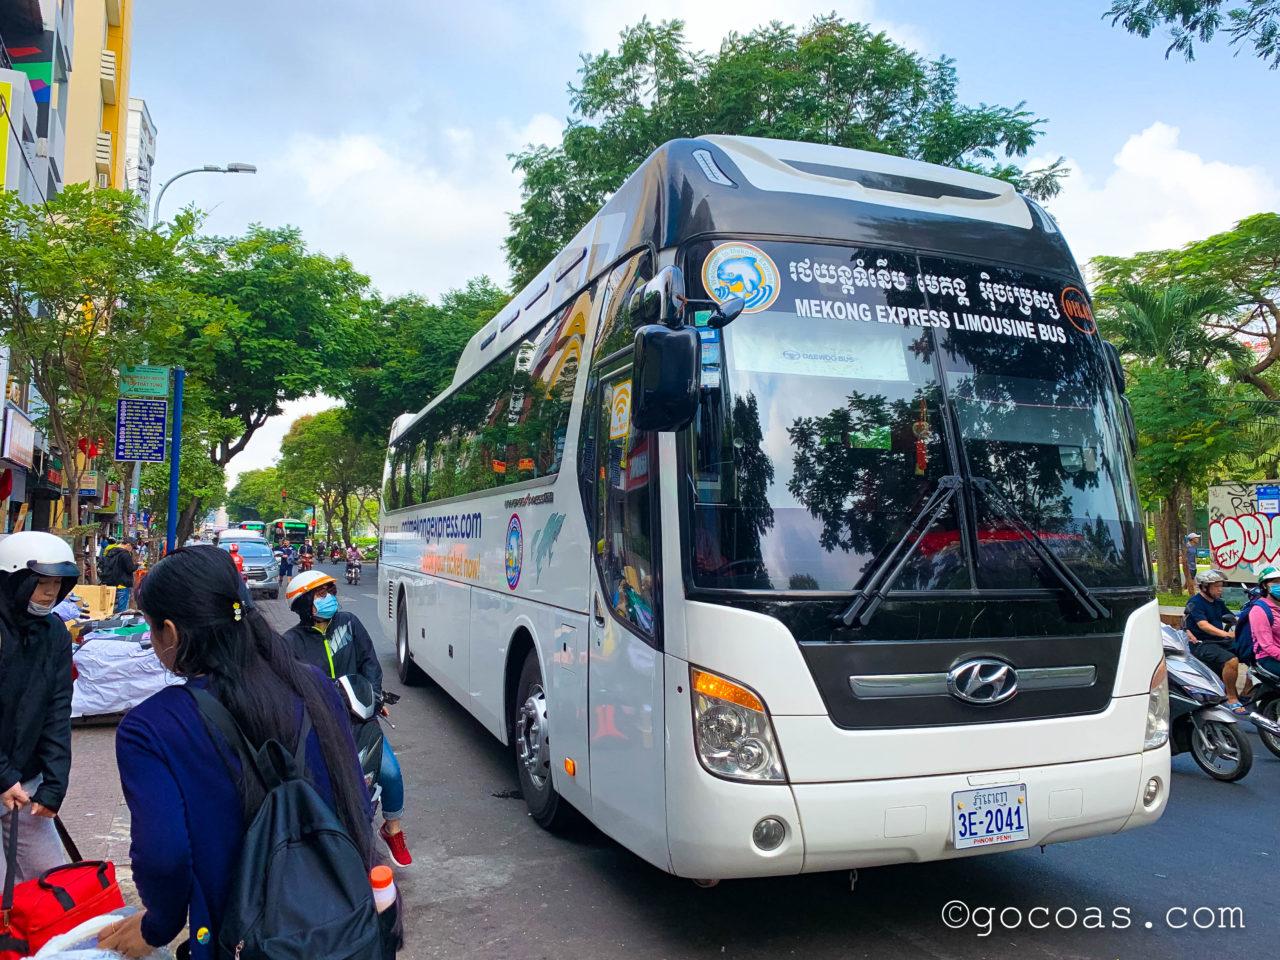 メコンエクスプレスのバス